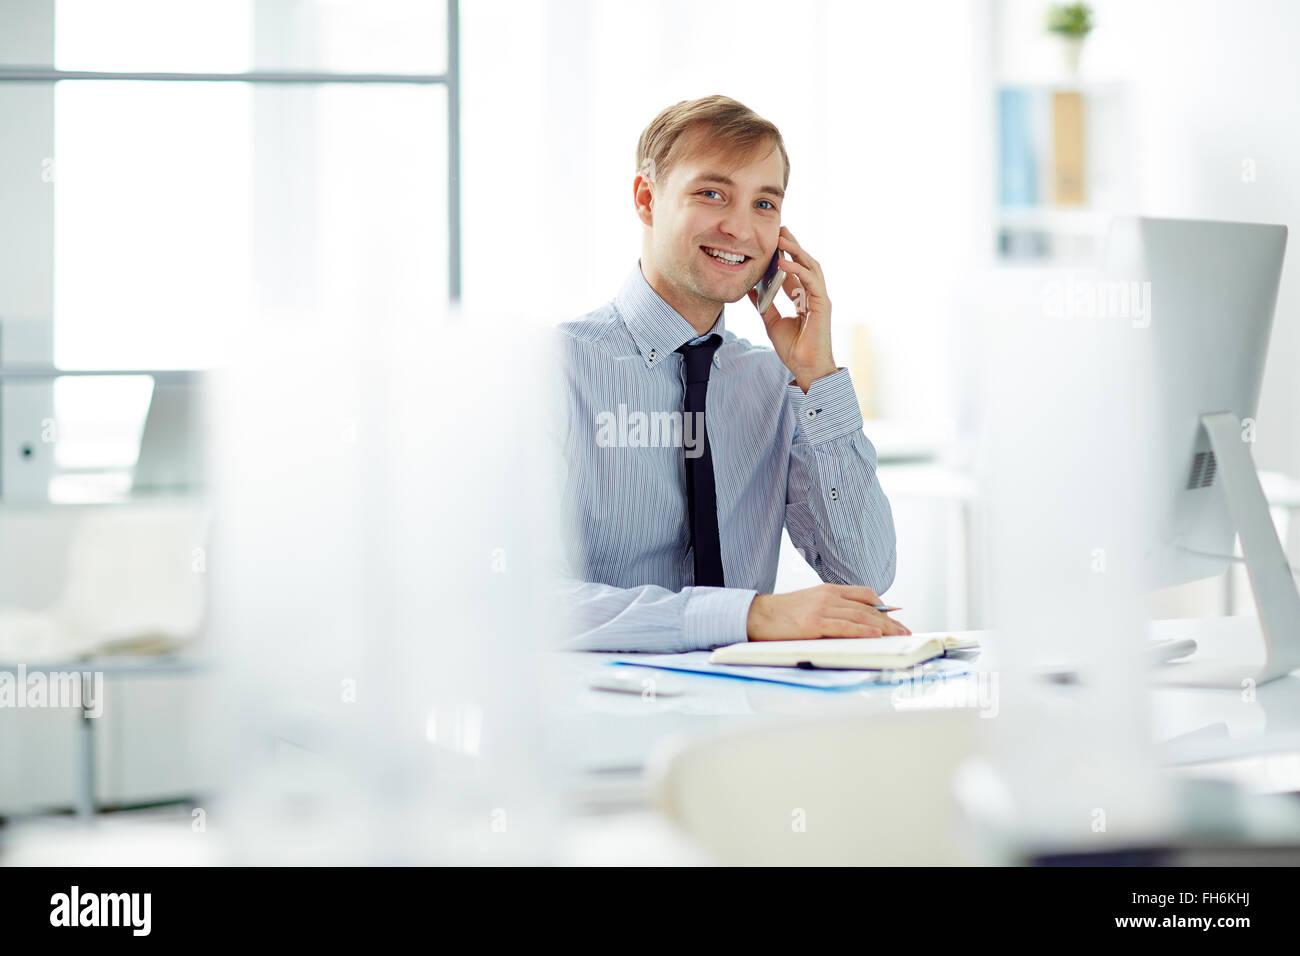 Giovane imprenditore parlando al telefono al posto di lavoro e guardando la fotocamera Immagini Stock